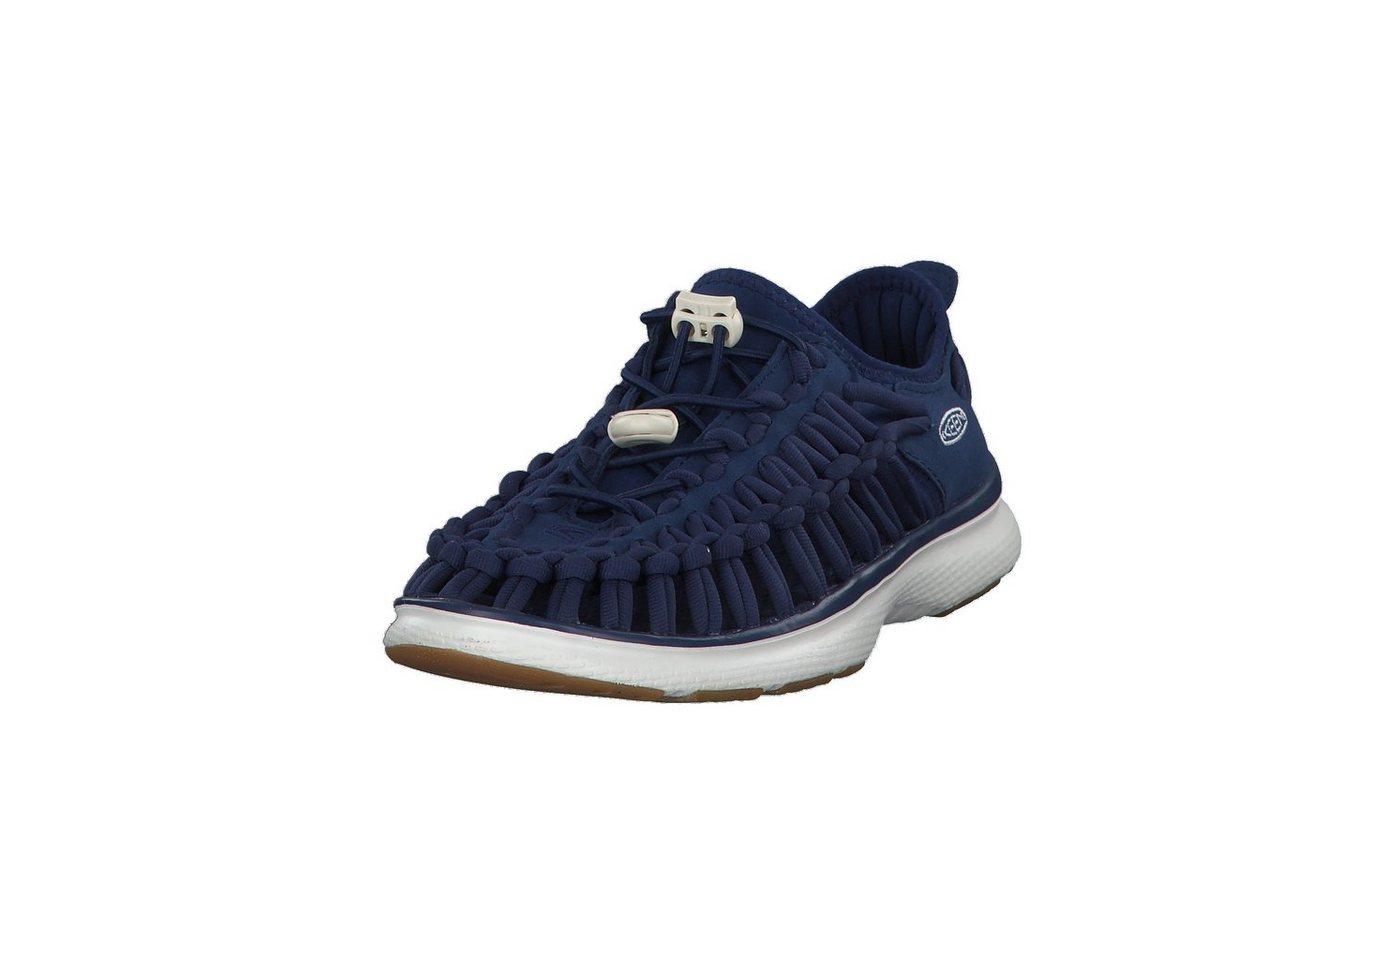 Damen Keen Uneek O2 1017055 Sandale blau   00191190088456